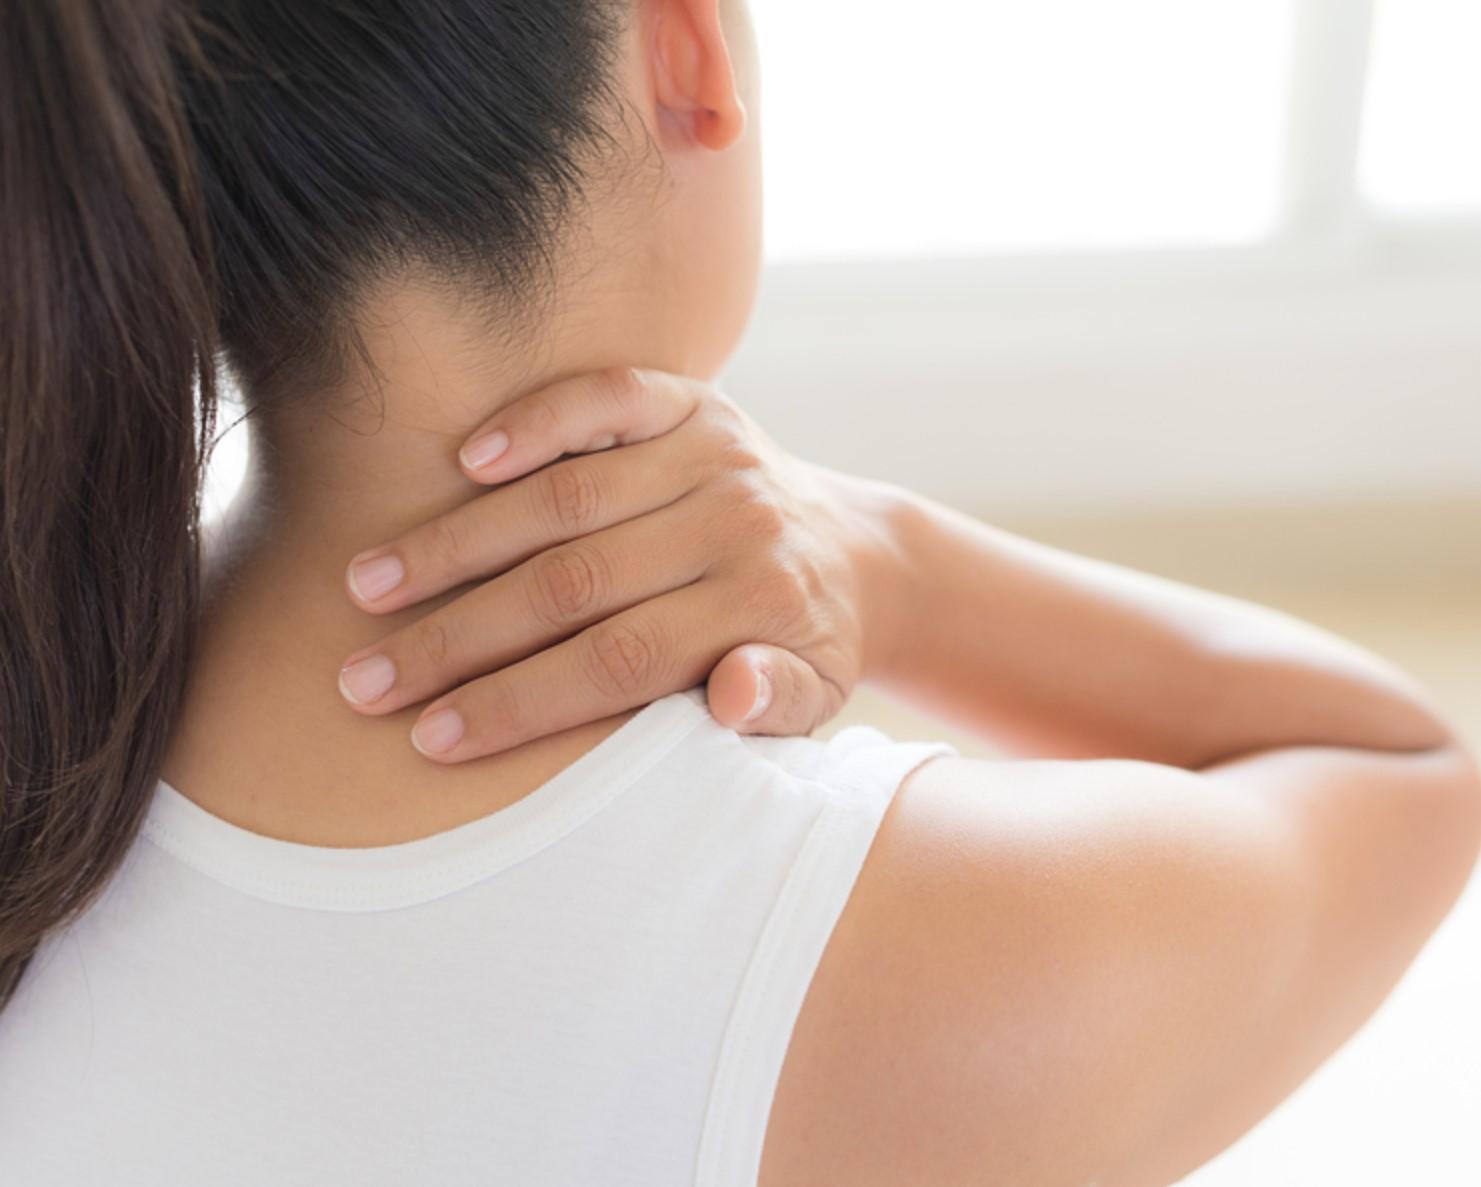 sąnarių skausmas pečių sąnarių gydymas pėdų sąnarių liaudies gynimo priemones namuose